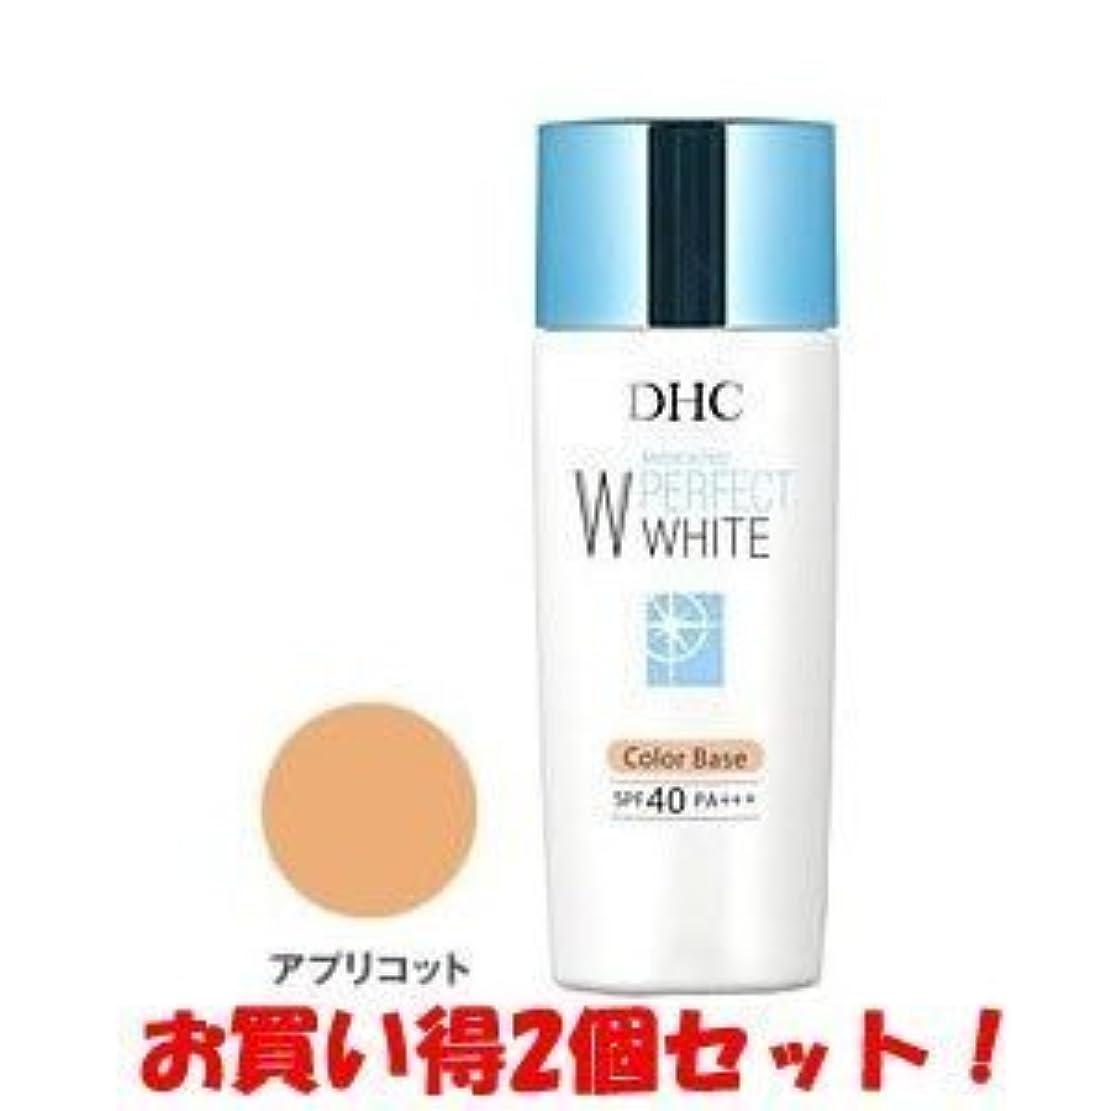 ロードブロッキング安全観光に行くDHC 薬用パーフェクトホワイト カラーベース アプリコット 30g(医薬部外品)(お買い得2個セット)